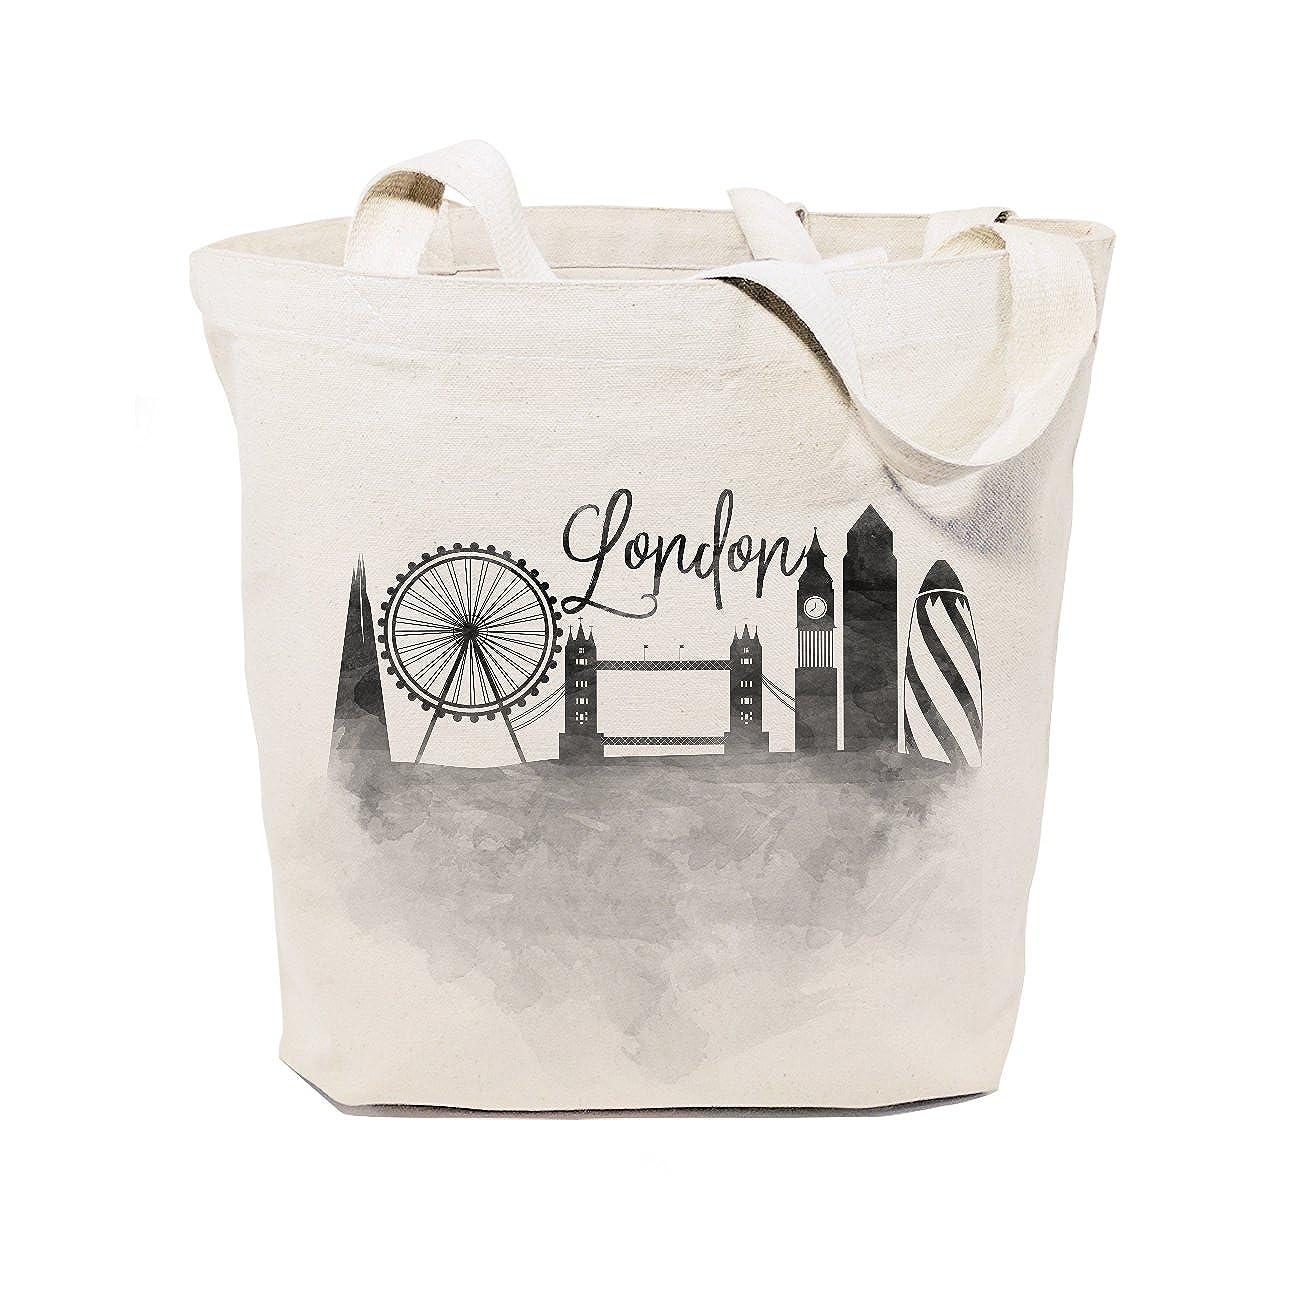 ★お求めやすく価格改定★ The Cotton & Cotton Canvas Co. Co. レディース ロンドン B0768RTJPQ ロンドン ロンドン, 豊橋市:8bd83f3d --- 4x4.lt